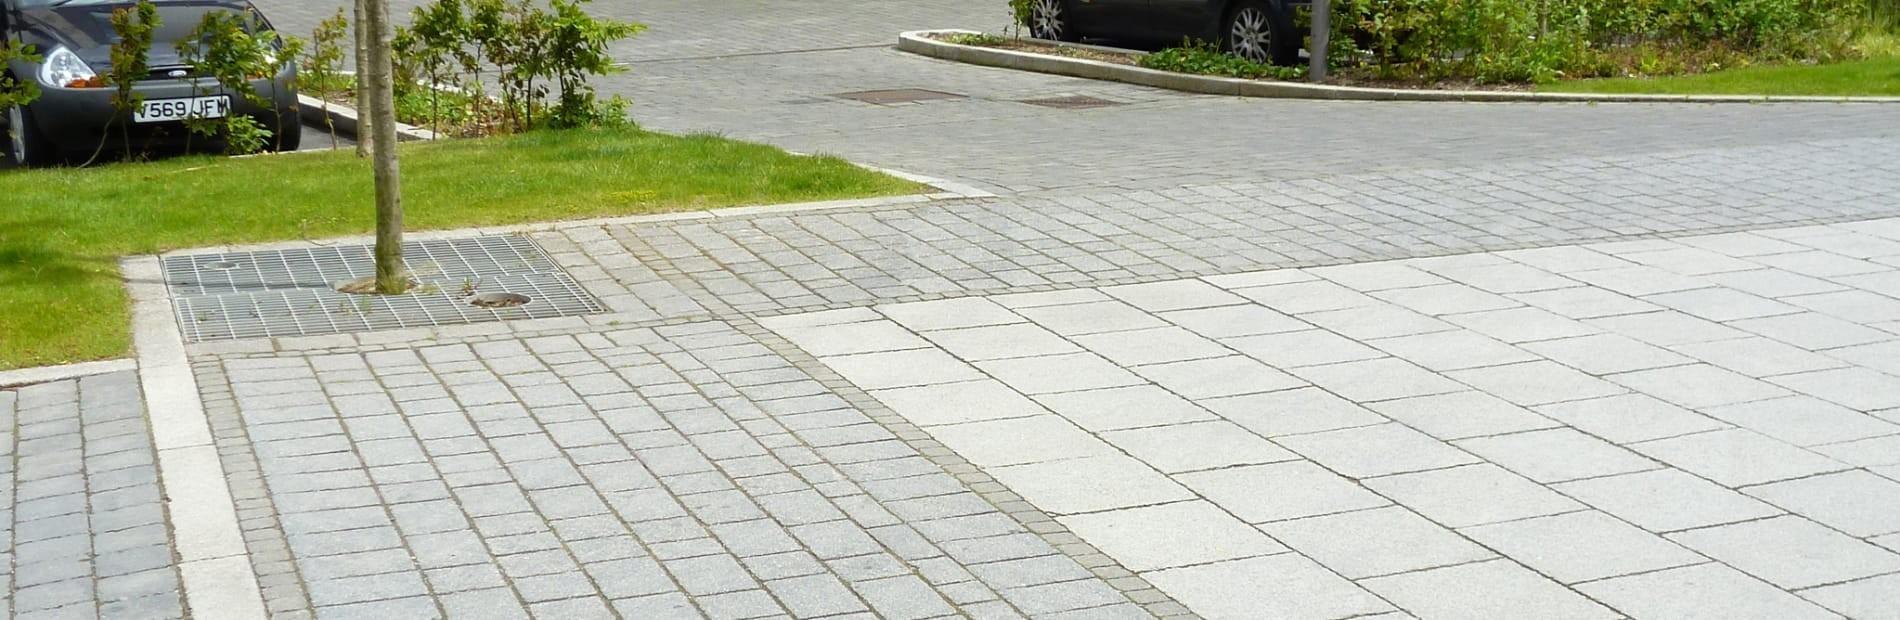 تنوع در ترکیب سنگفرش بتنی / سنگ فرش بتنی